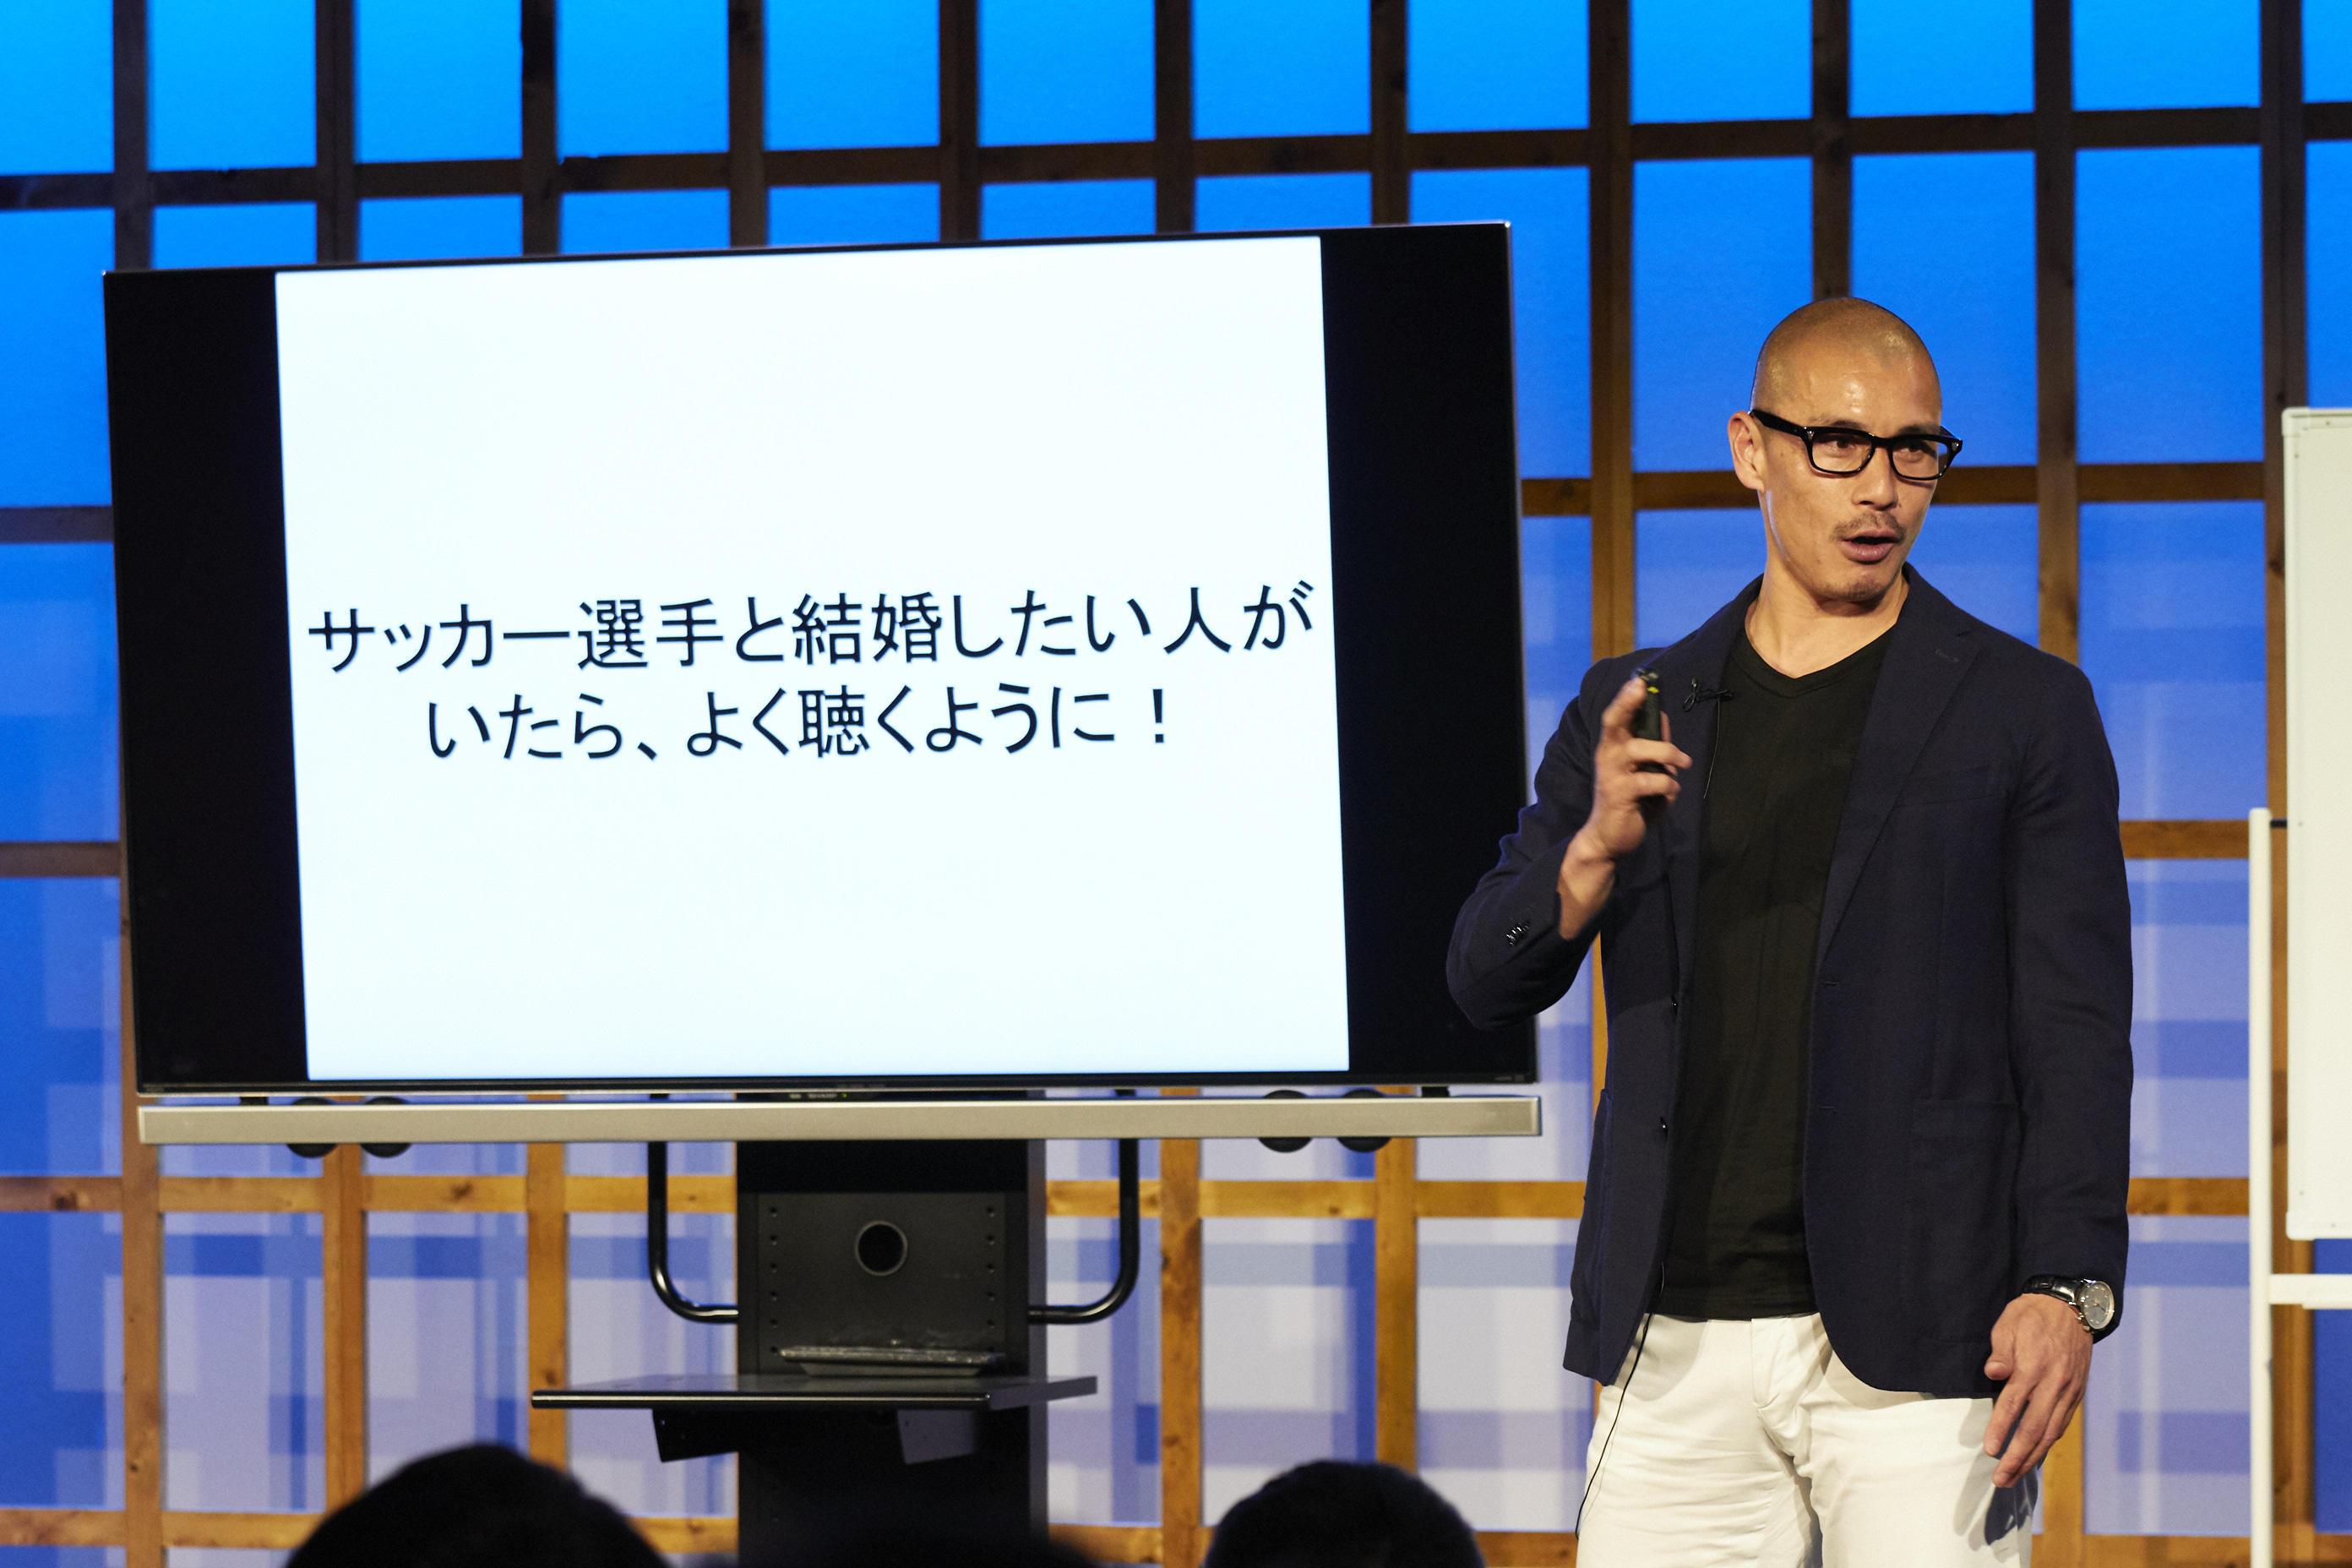 http://news.yoshimoto.co.jp/20180401095652-f78fe997e104e3c1bd0c5fce74e21a5f19b55d5e.jpg